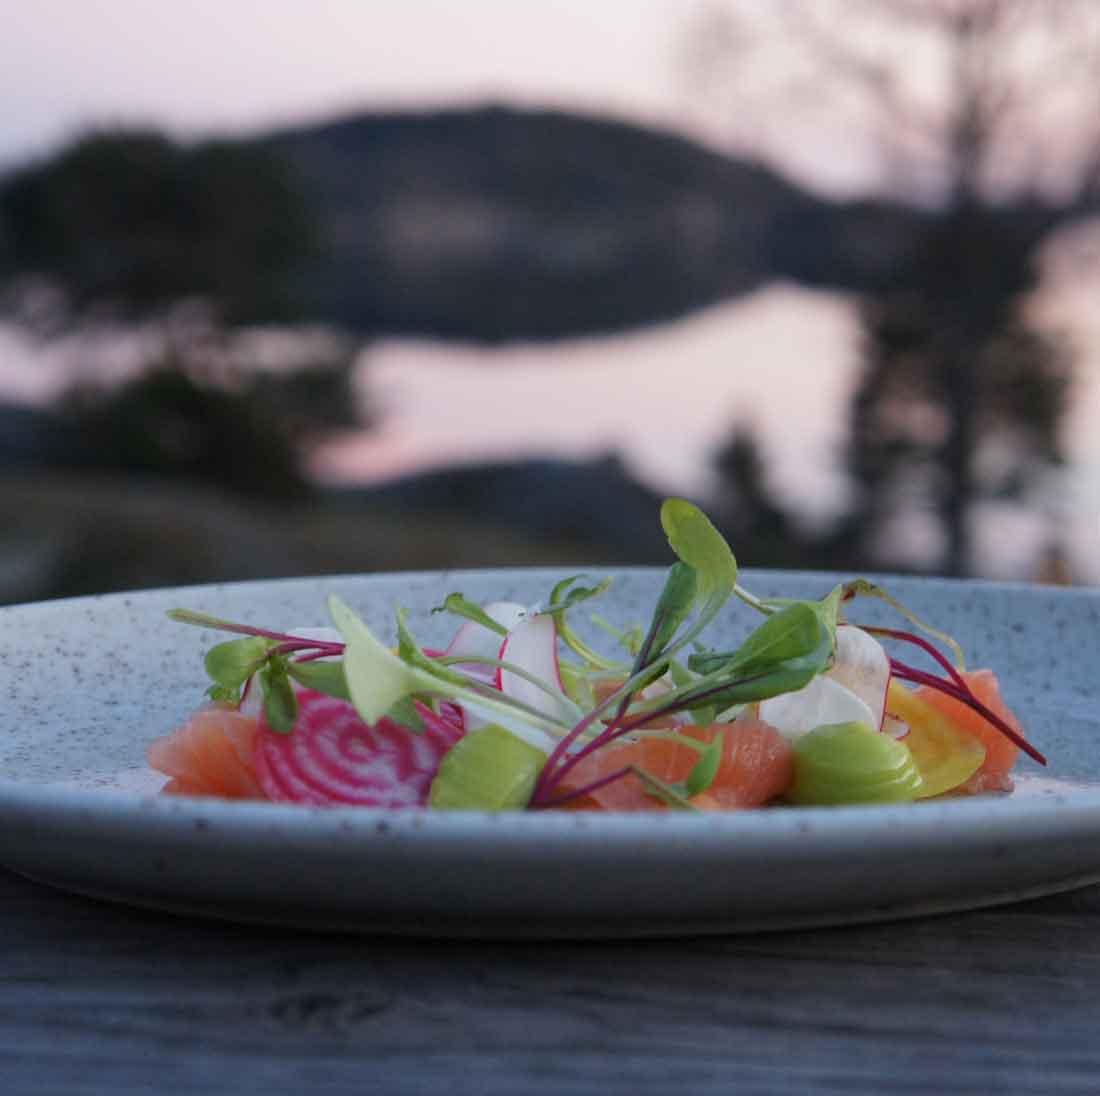 Förrätt med lättrimmad fröyalax, betor, rädisa och gräslöksmajonnäs från en av förrätterna på restaurang Västersalts meny på Bokenäset Hotell & Konferens